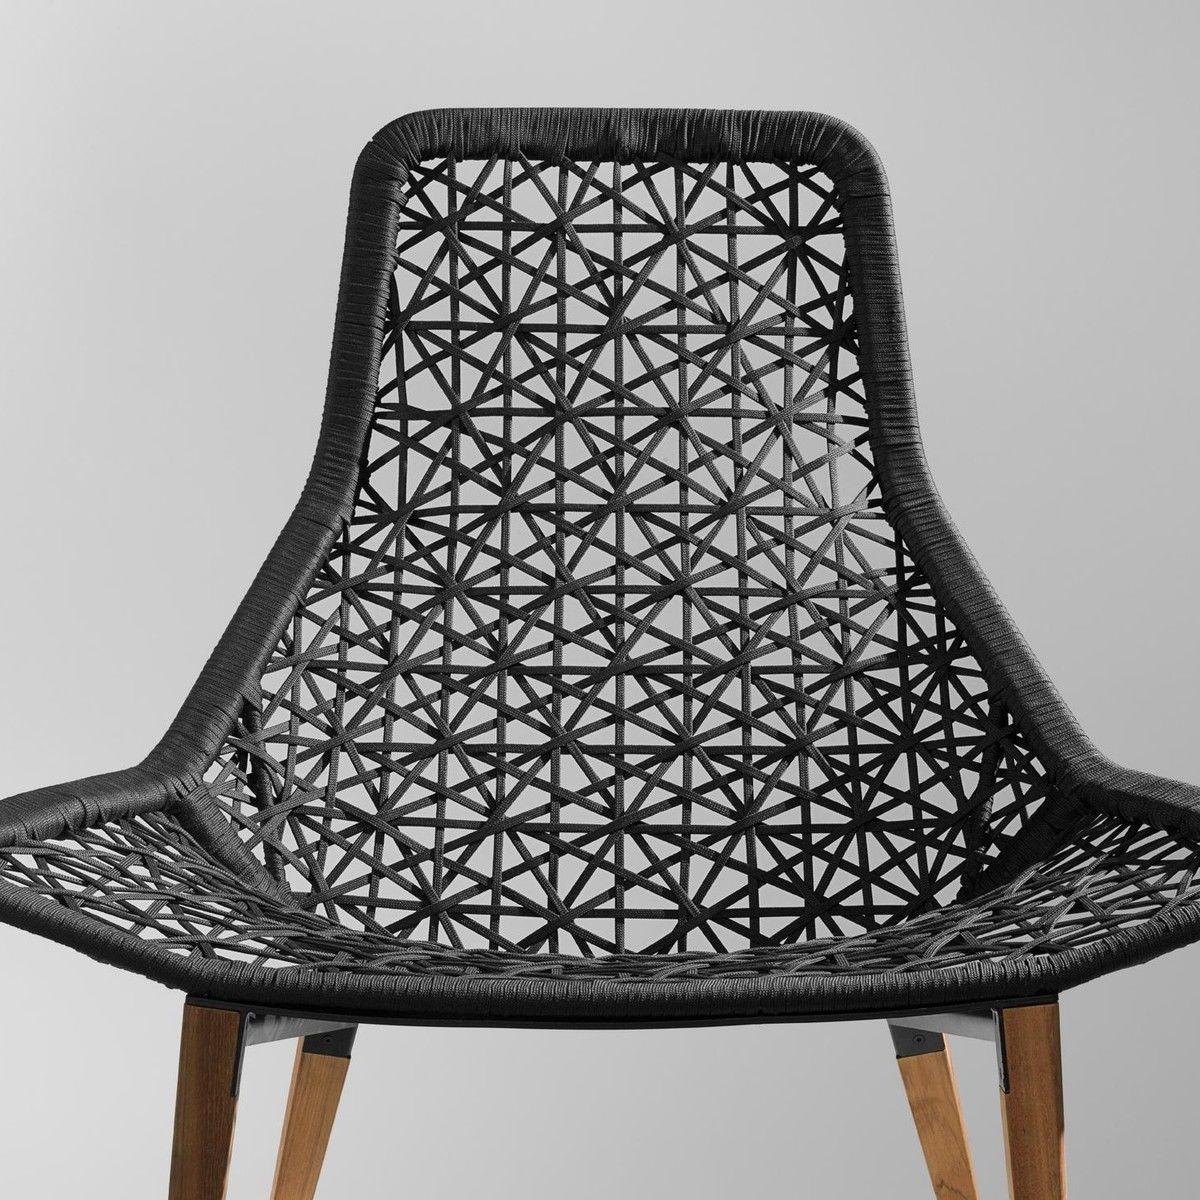 Maia relax armchair garden chair kettal for Kettal maia chair